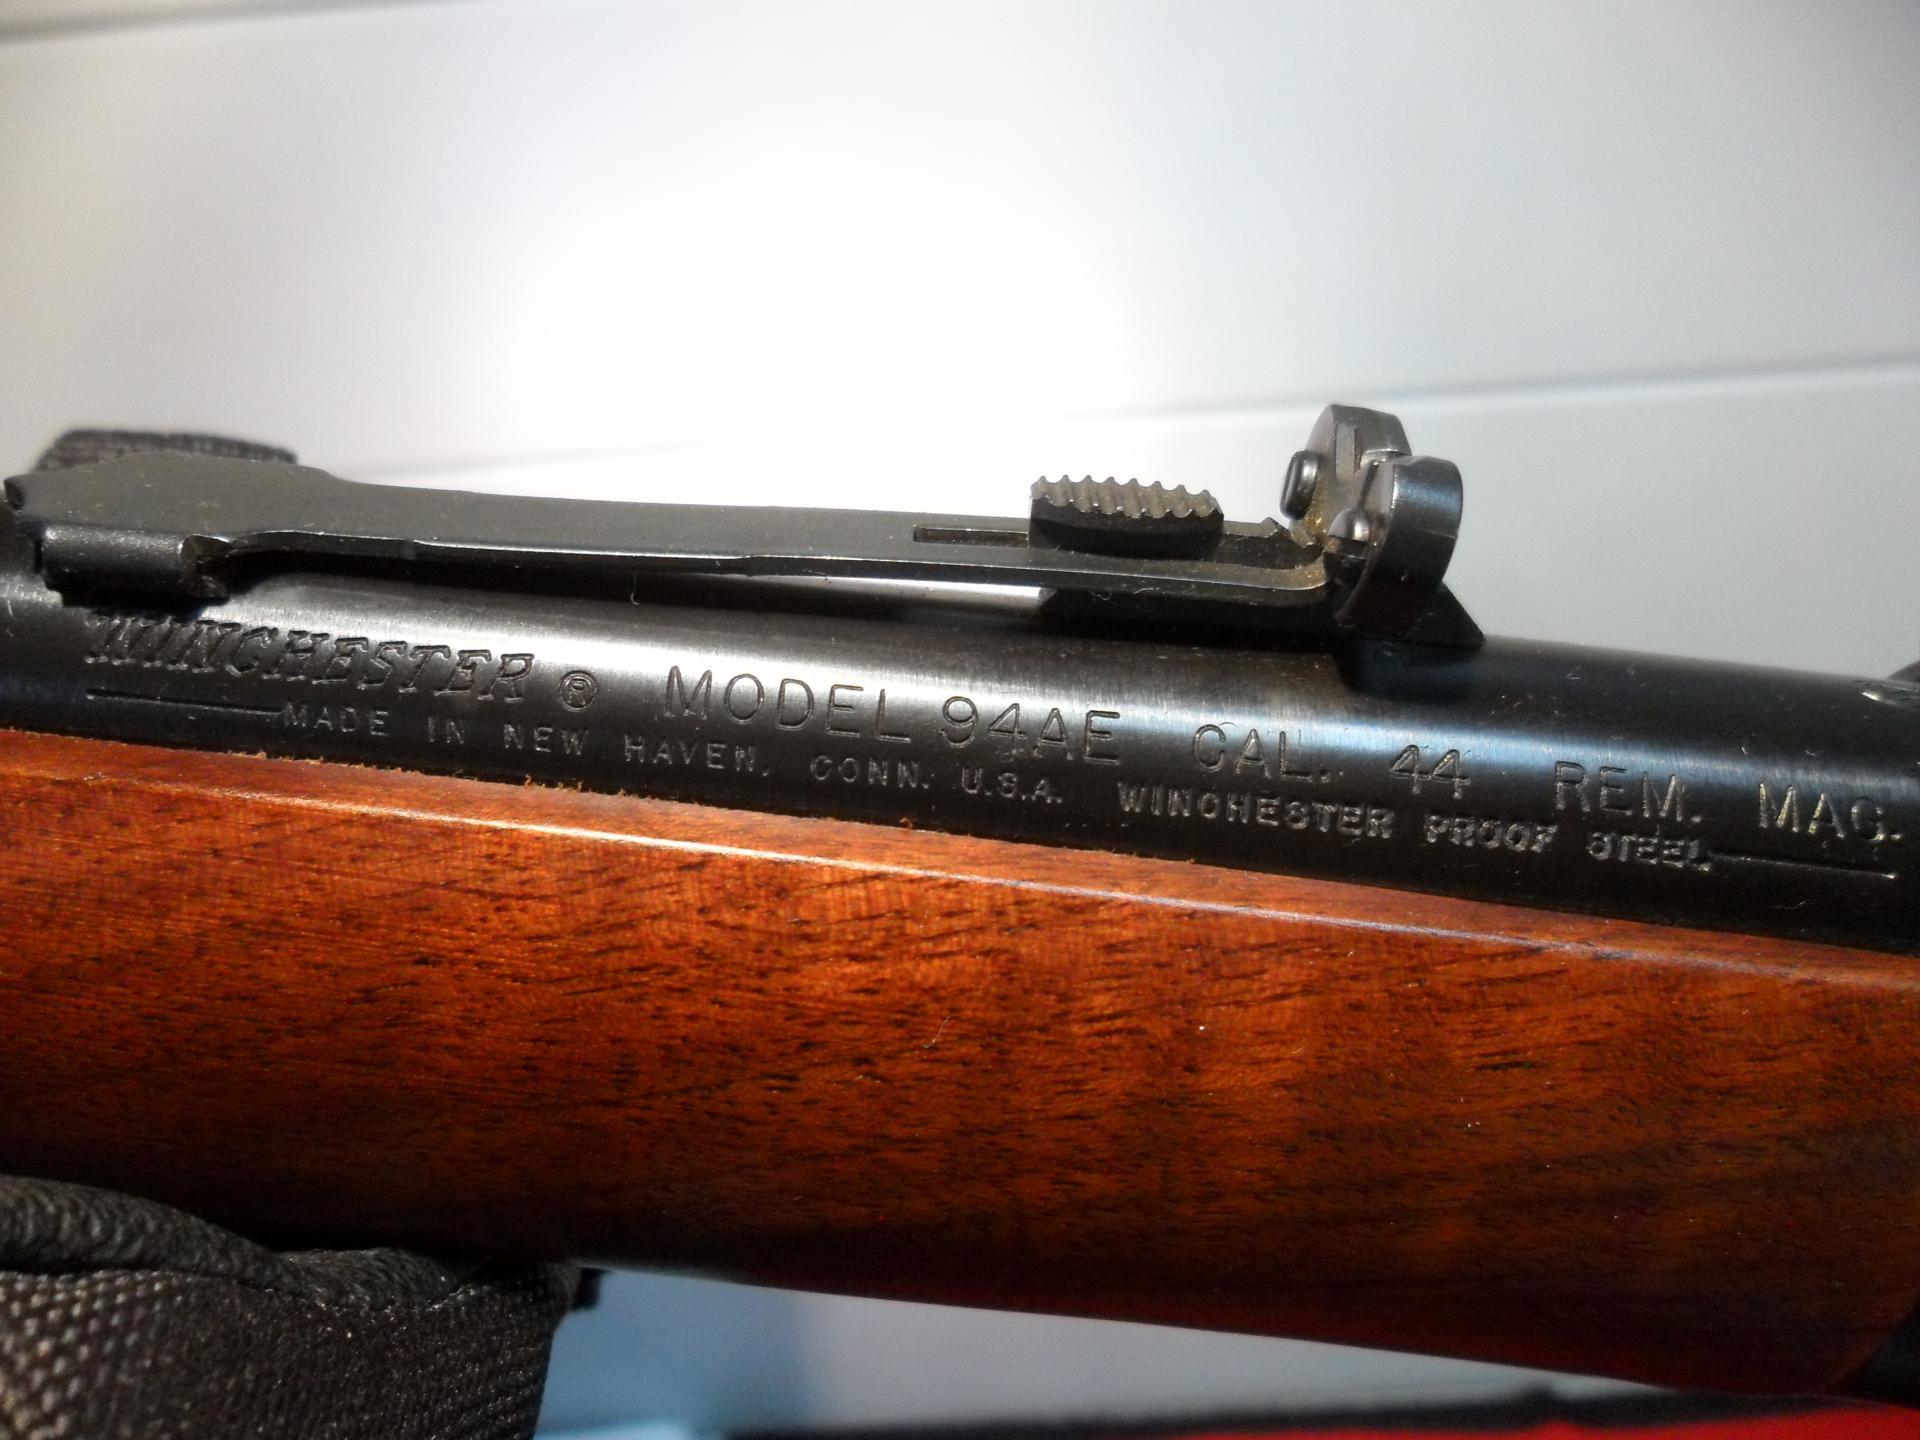 Winchester 1894 AE calibre .44 Rem. Magnum